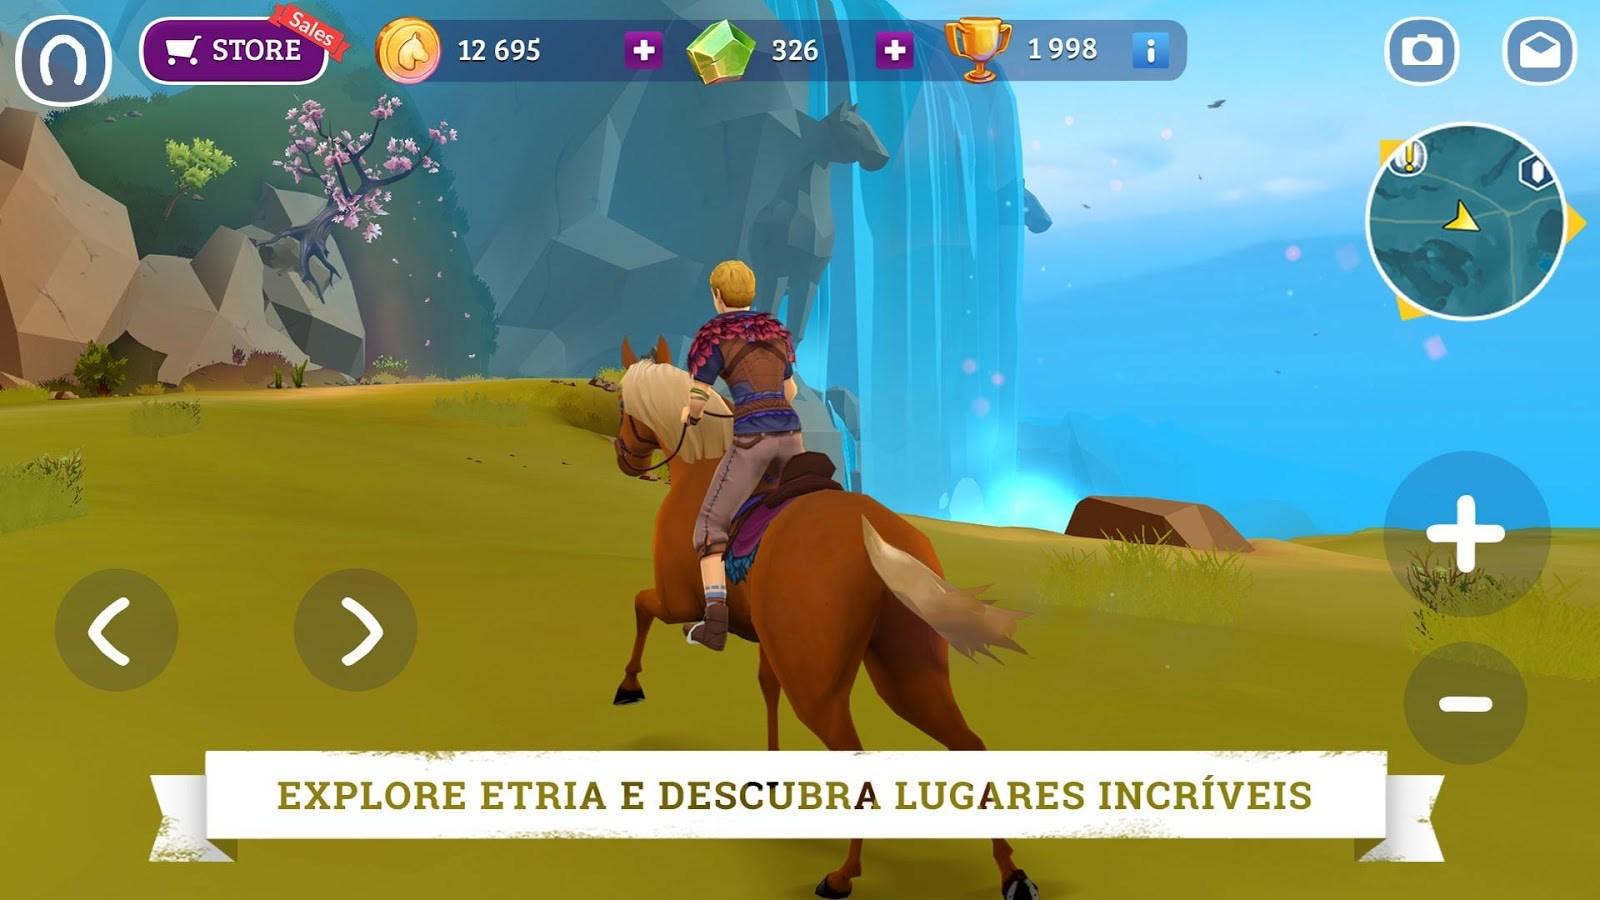 Horse Adventure: Tale of Etria - Imagem 1 do software